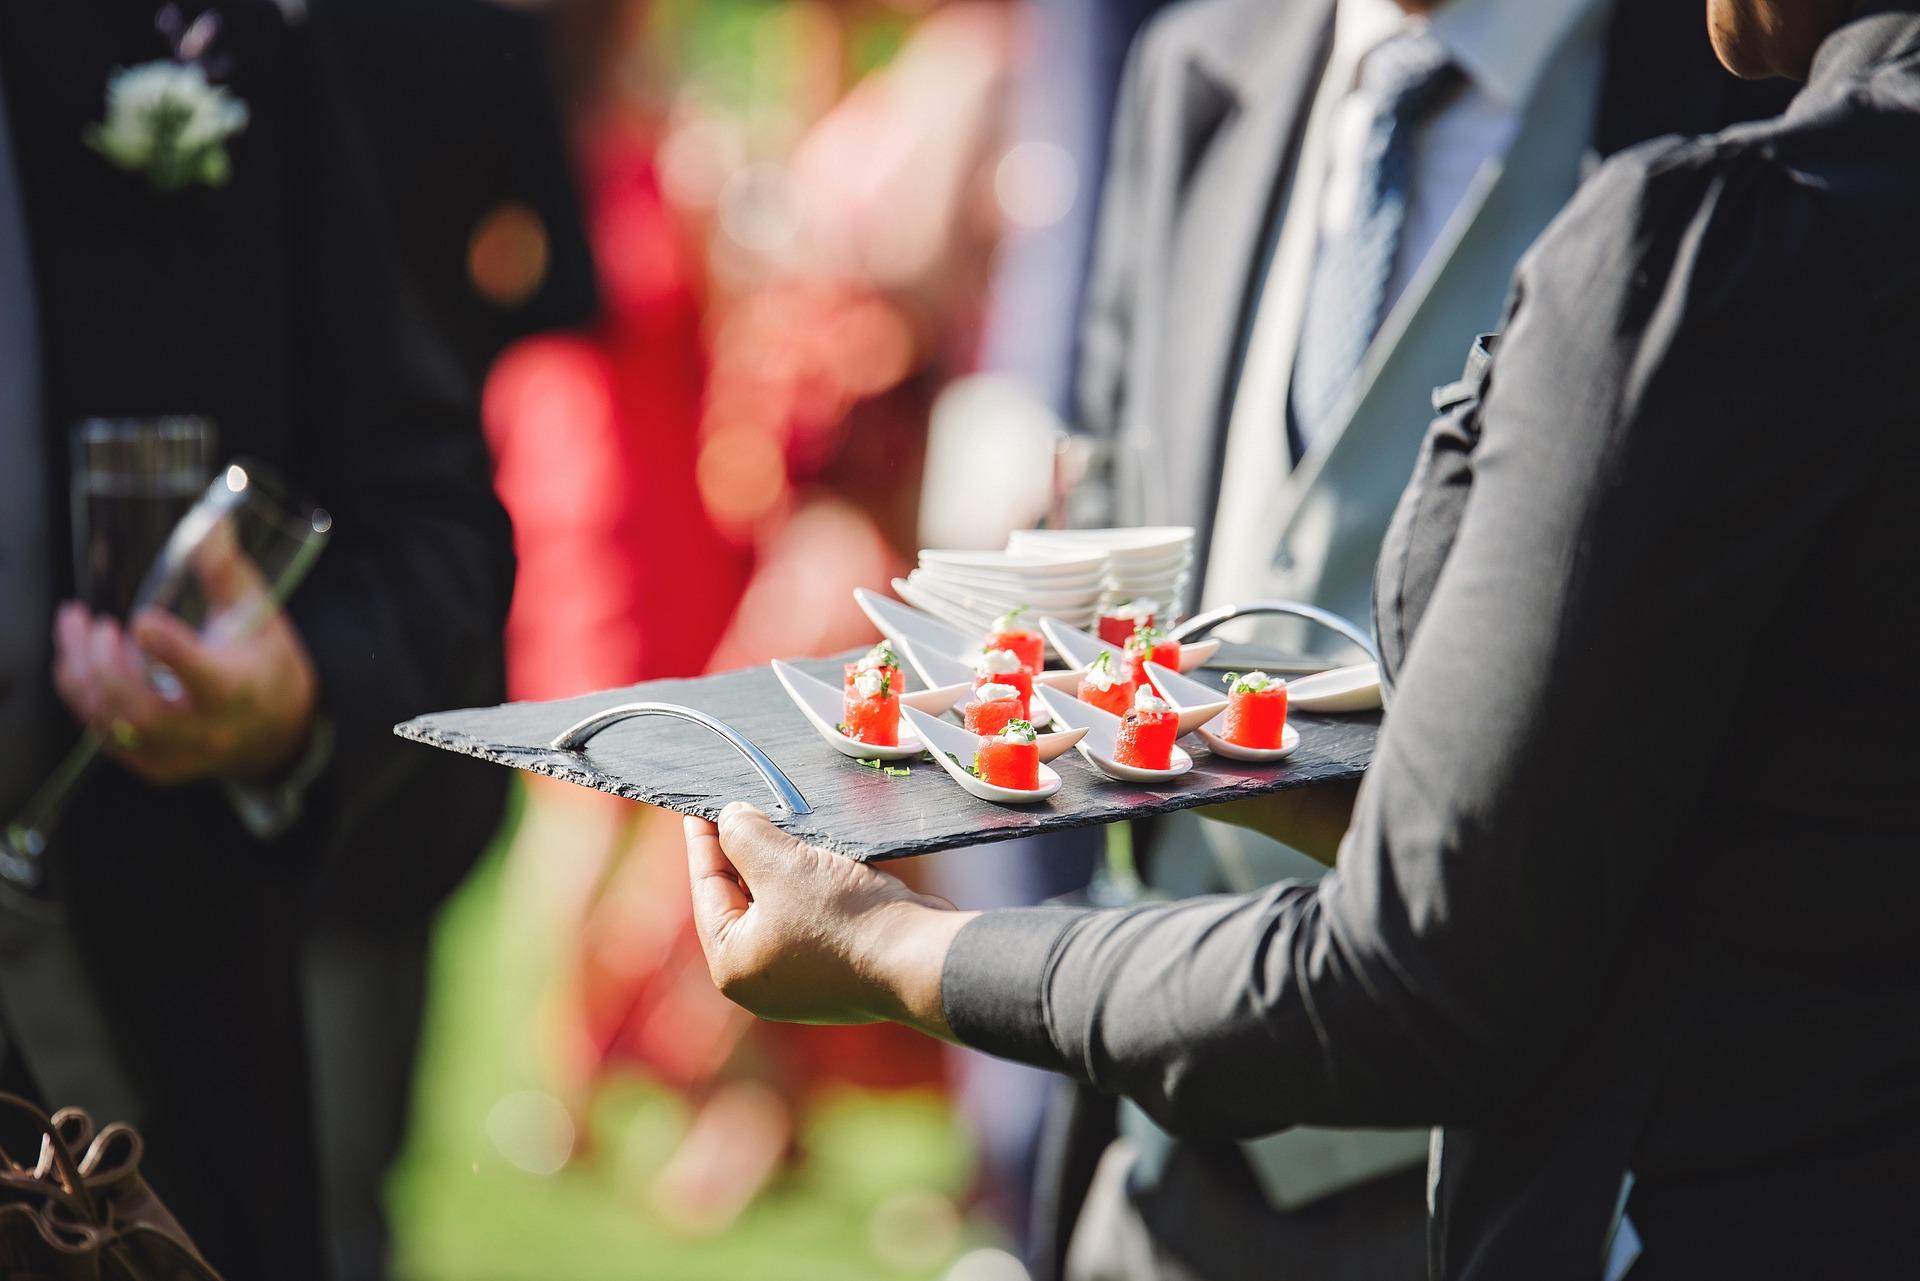 Comment choisir son traiteur idéal pour les événements professionnels